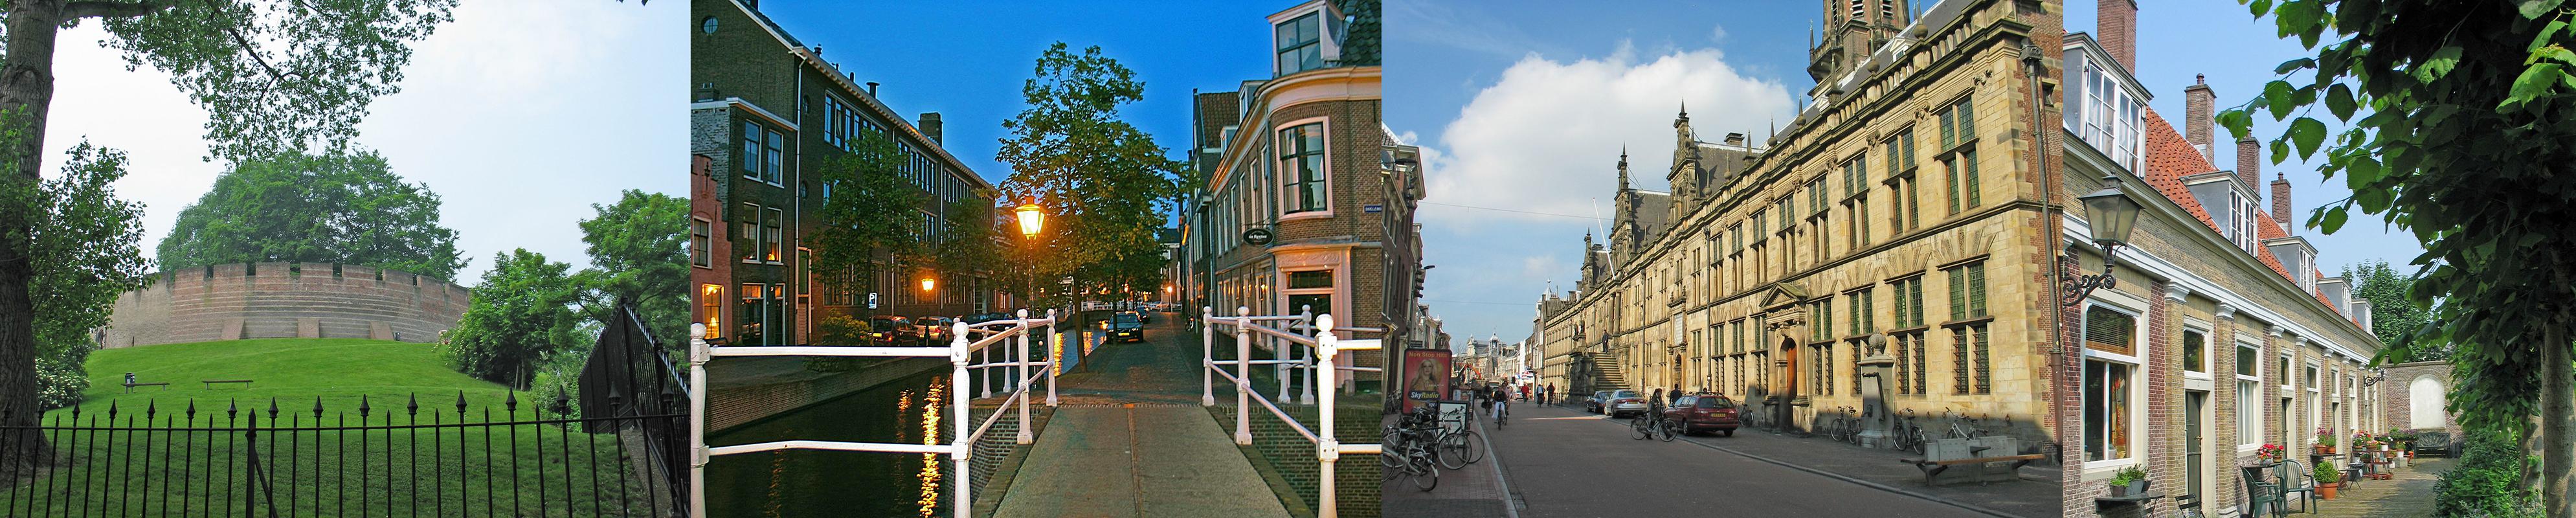 Meld u nu aan voor de historische stadswandeling door Leiden voor de asieldieren op zondag 15 april!